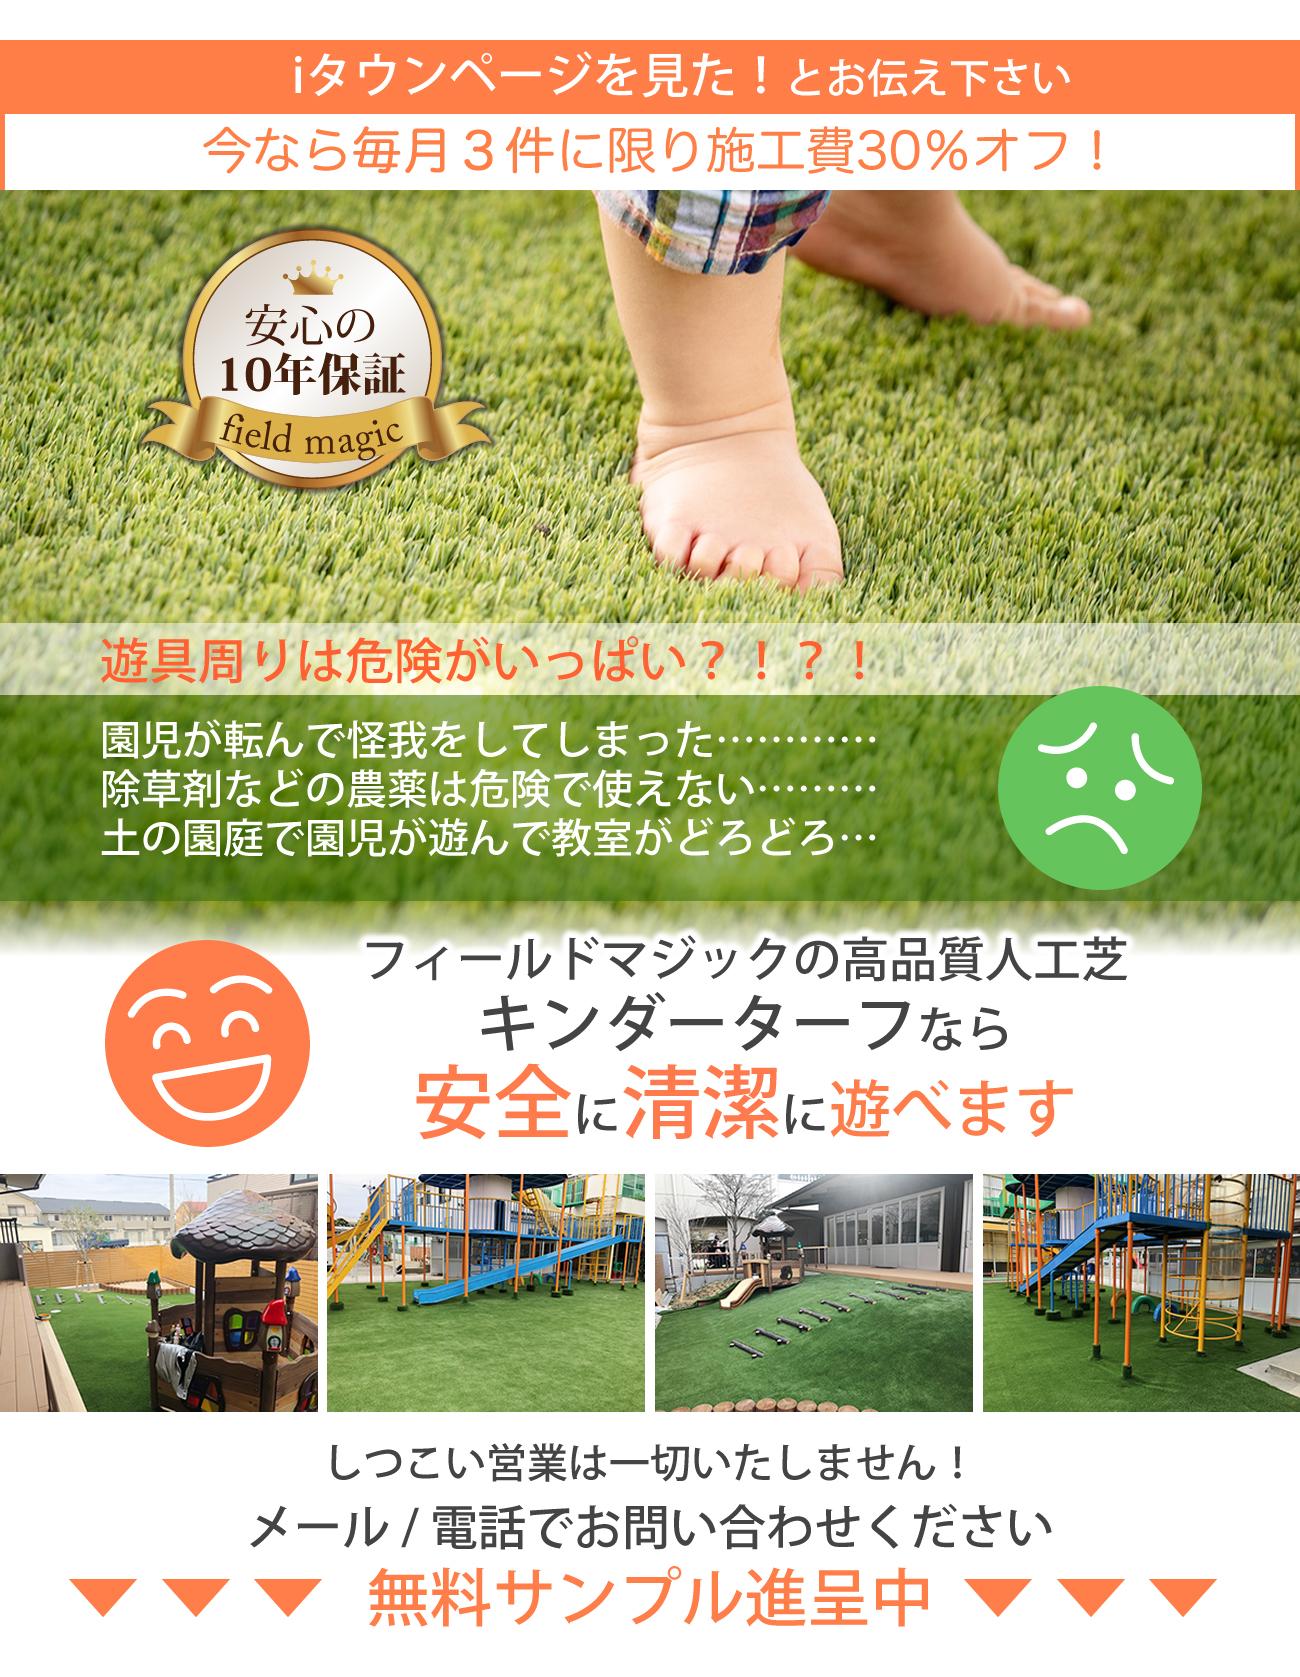 人工芝リフォームは幼稚園・保育園などにおススメです